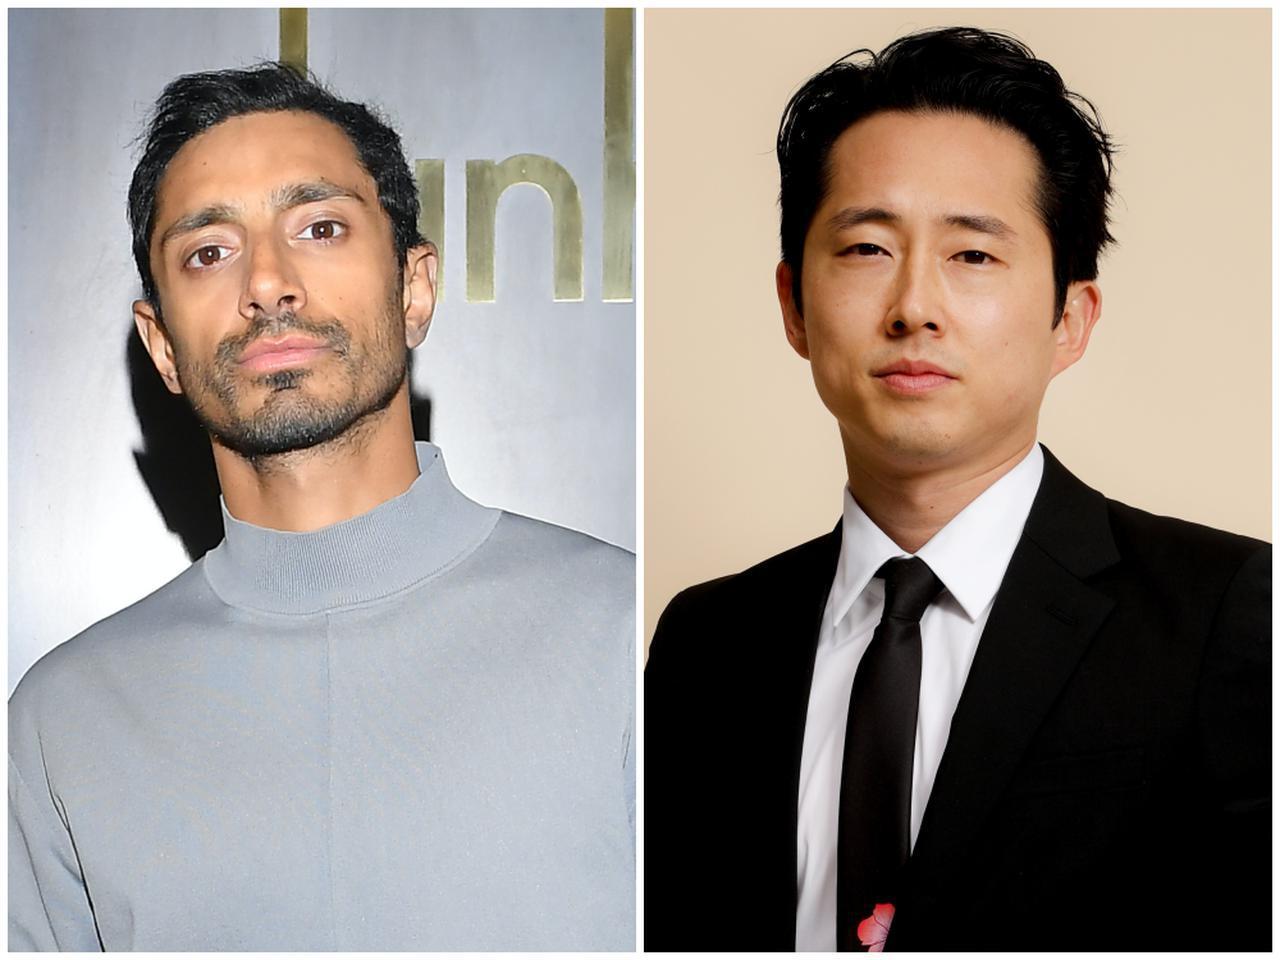 画像: リズ・アーメッド(左)は『サウンド・オブ・メタル 〜聞こえるということ〜』、スティーブン・ユアン(右)は『ミナリ』でそれぞれ主演男優賞にノミネート。